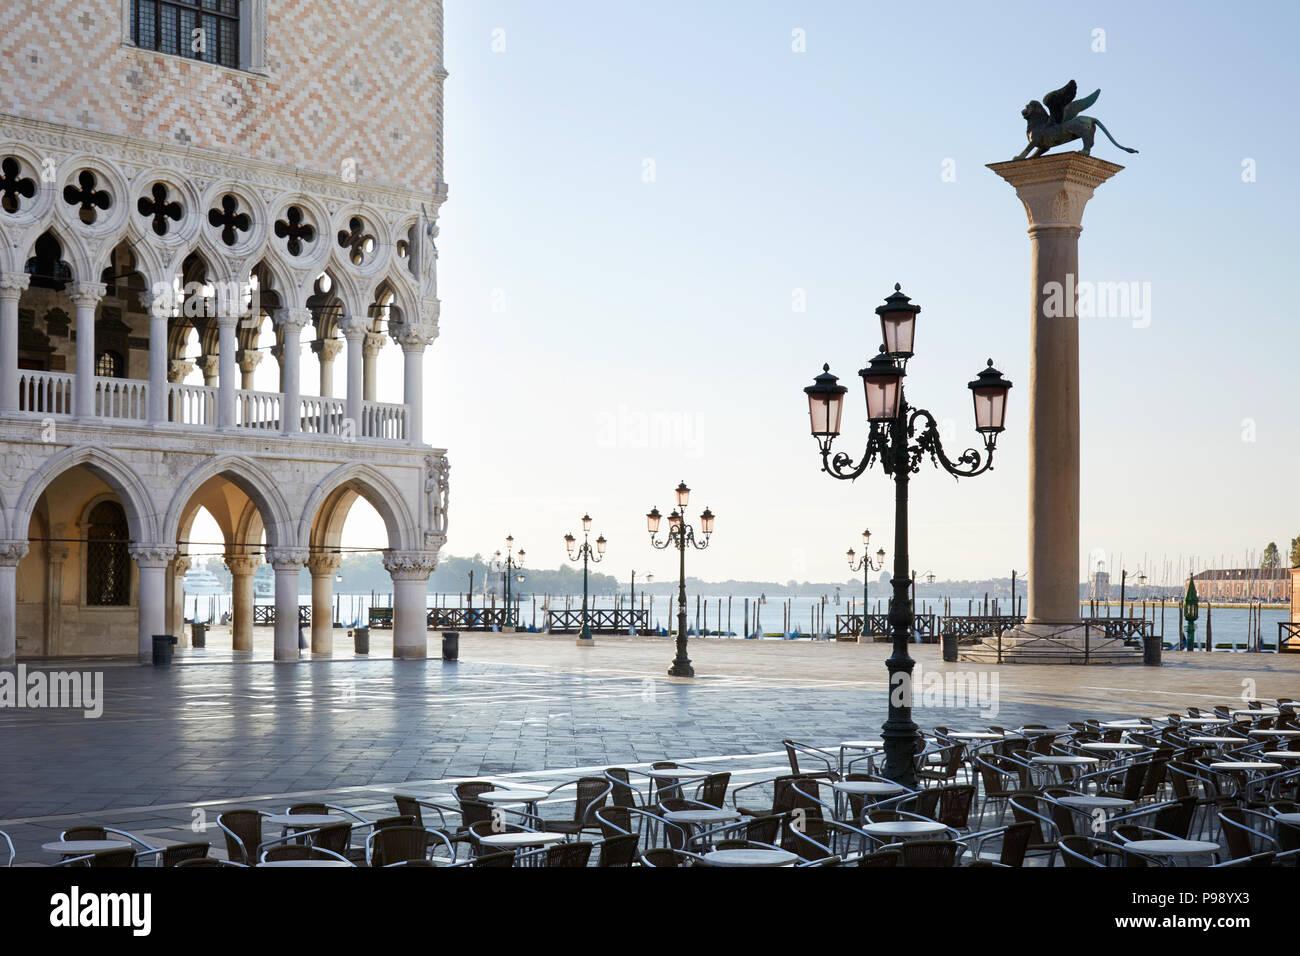 La plaza de San Marcos al amanecer, nadie en Venecia, Italia Imagen De Stock